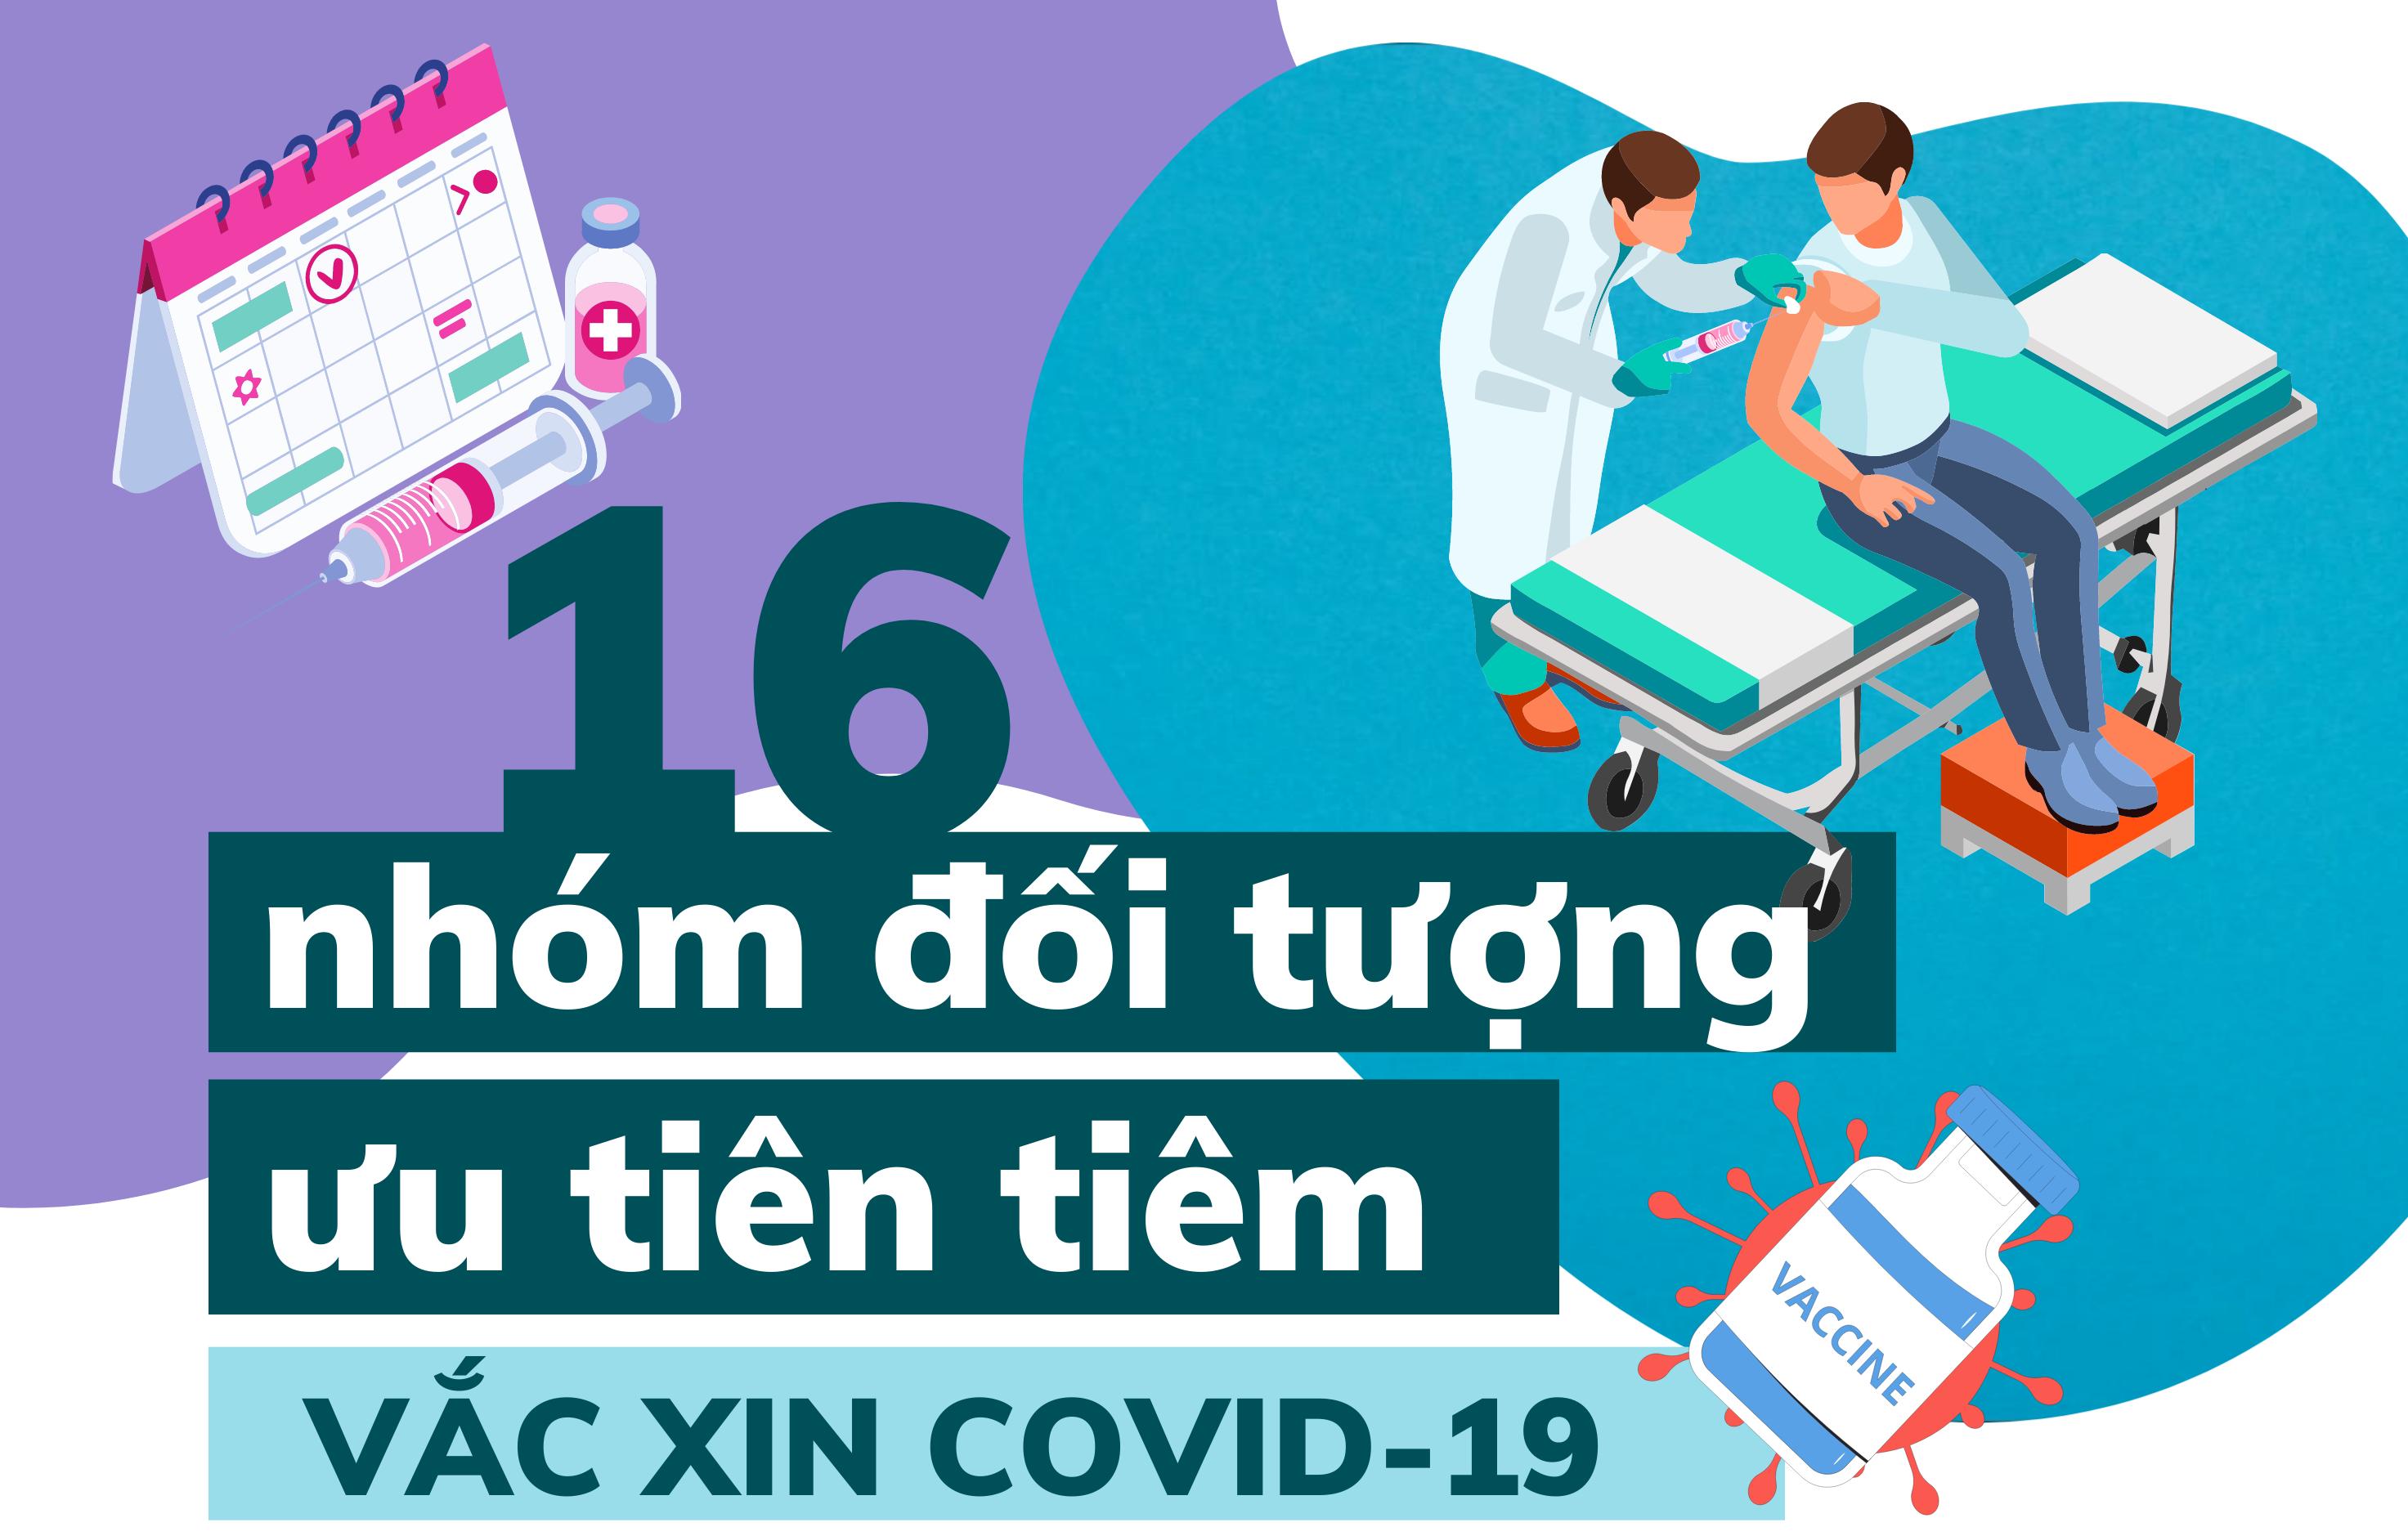 [Infographic] 16 nhóm đối tượng ưu tiên tiêm vắc xin Covid-19